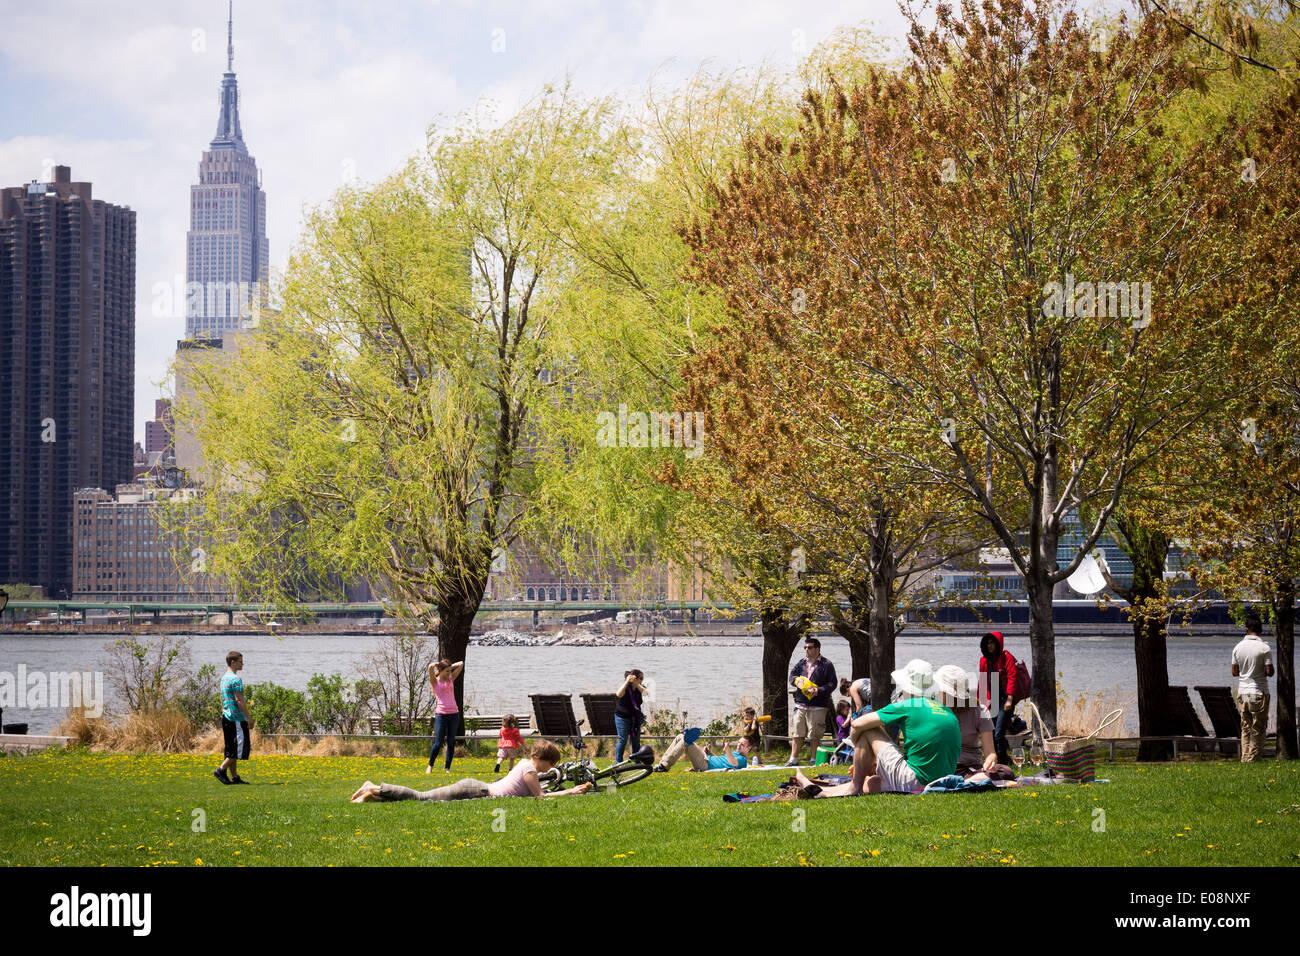 Gantry Plaza del Parco Statale di Long Island City nel Queens a New York Immagini Stock